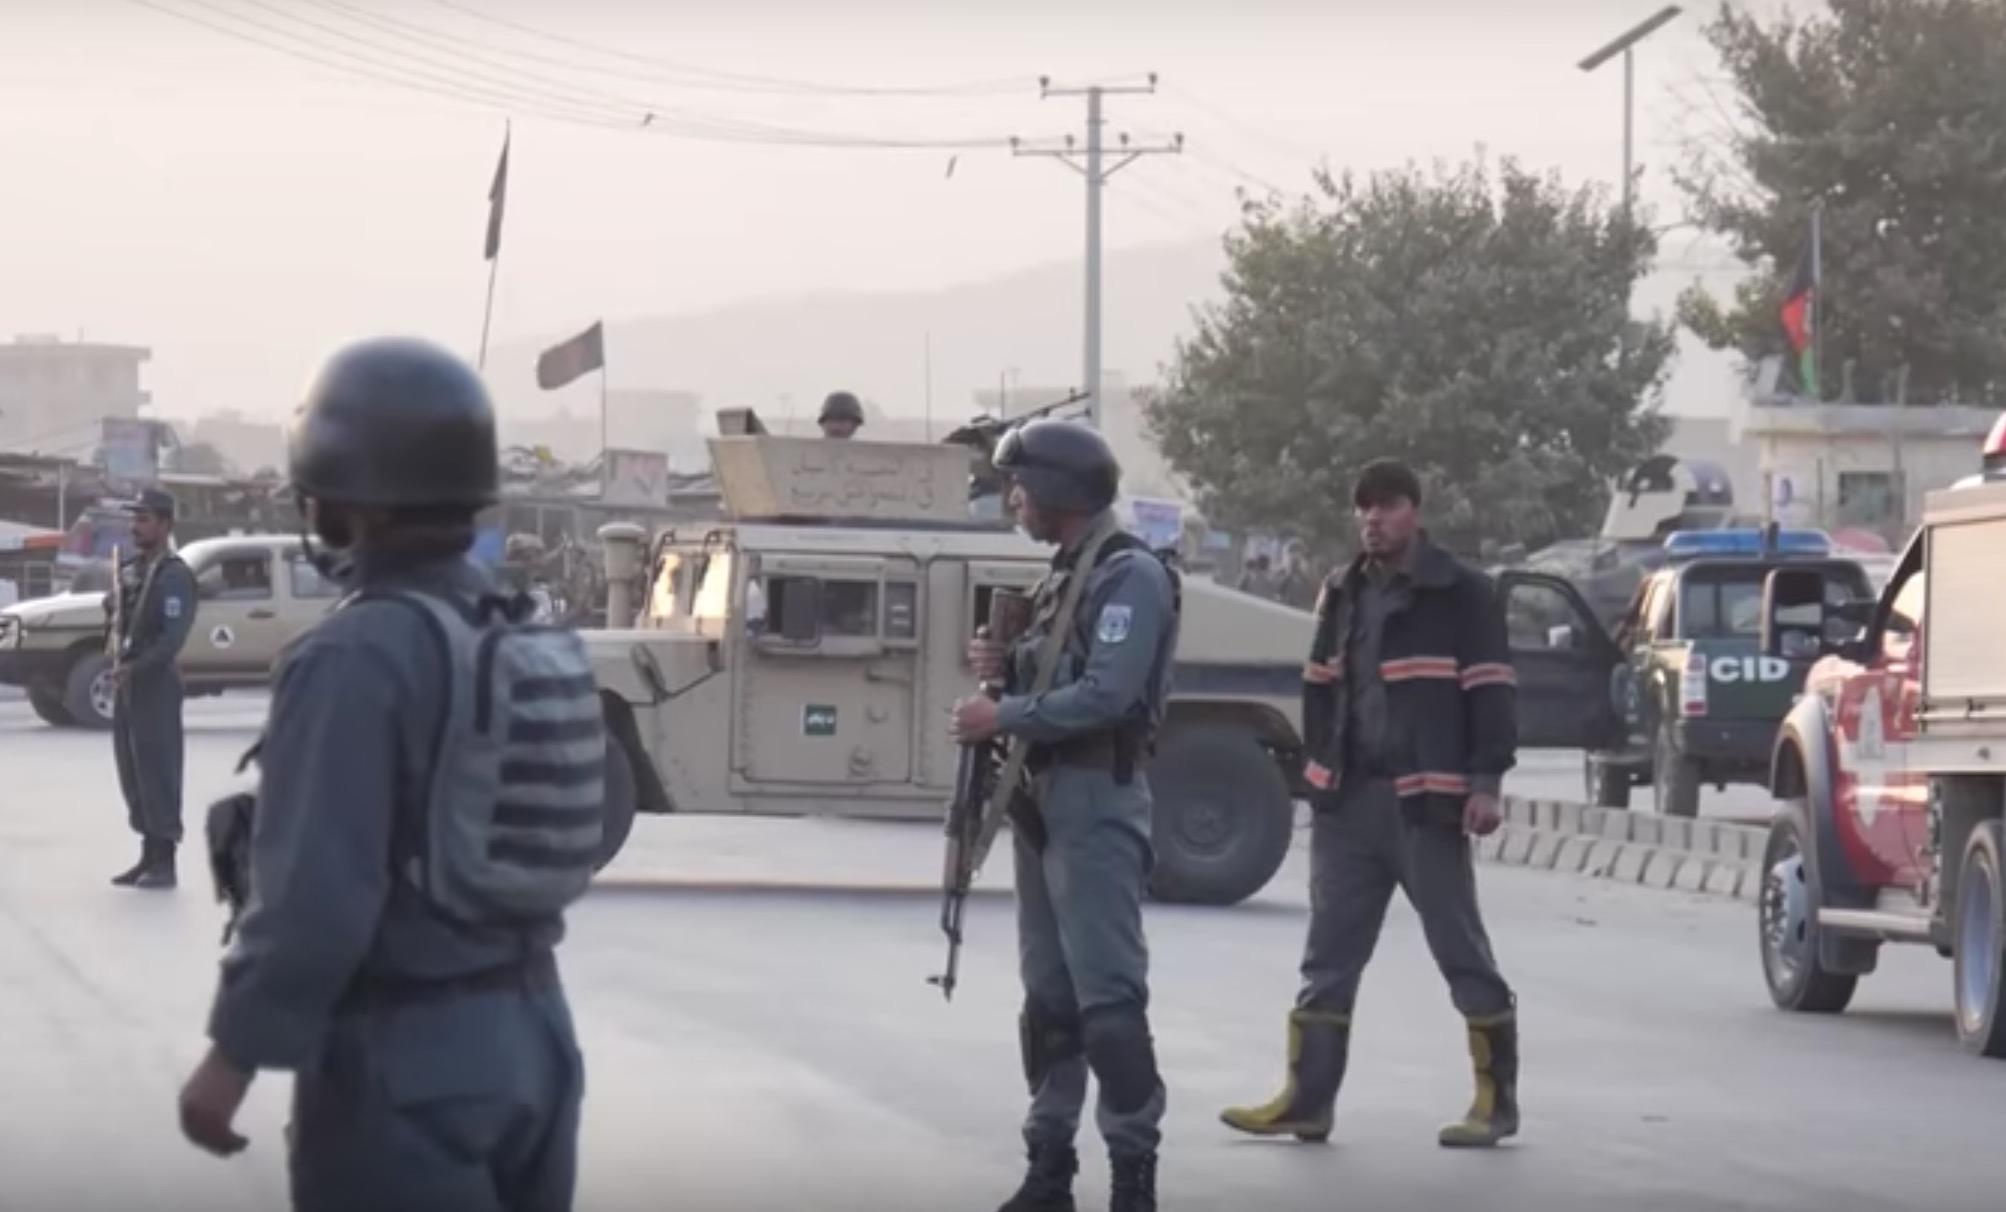 Afganistan'da askeri akademi servisine yönelik bombalı saldırı: 15 ölü